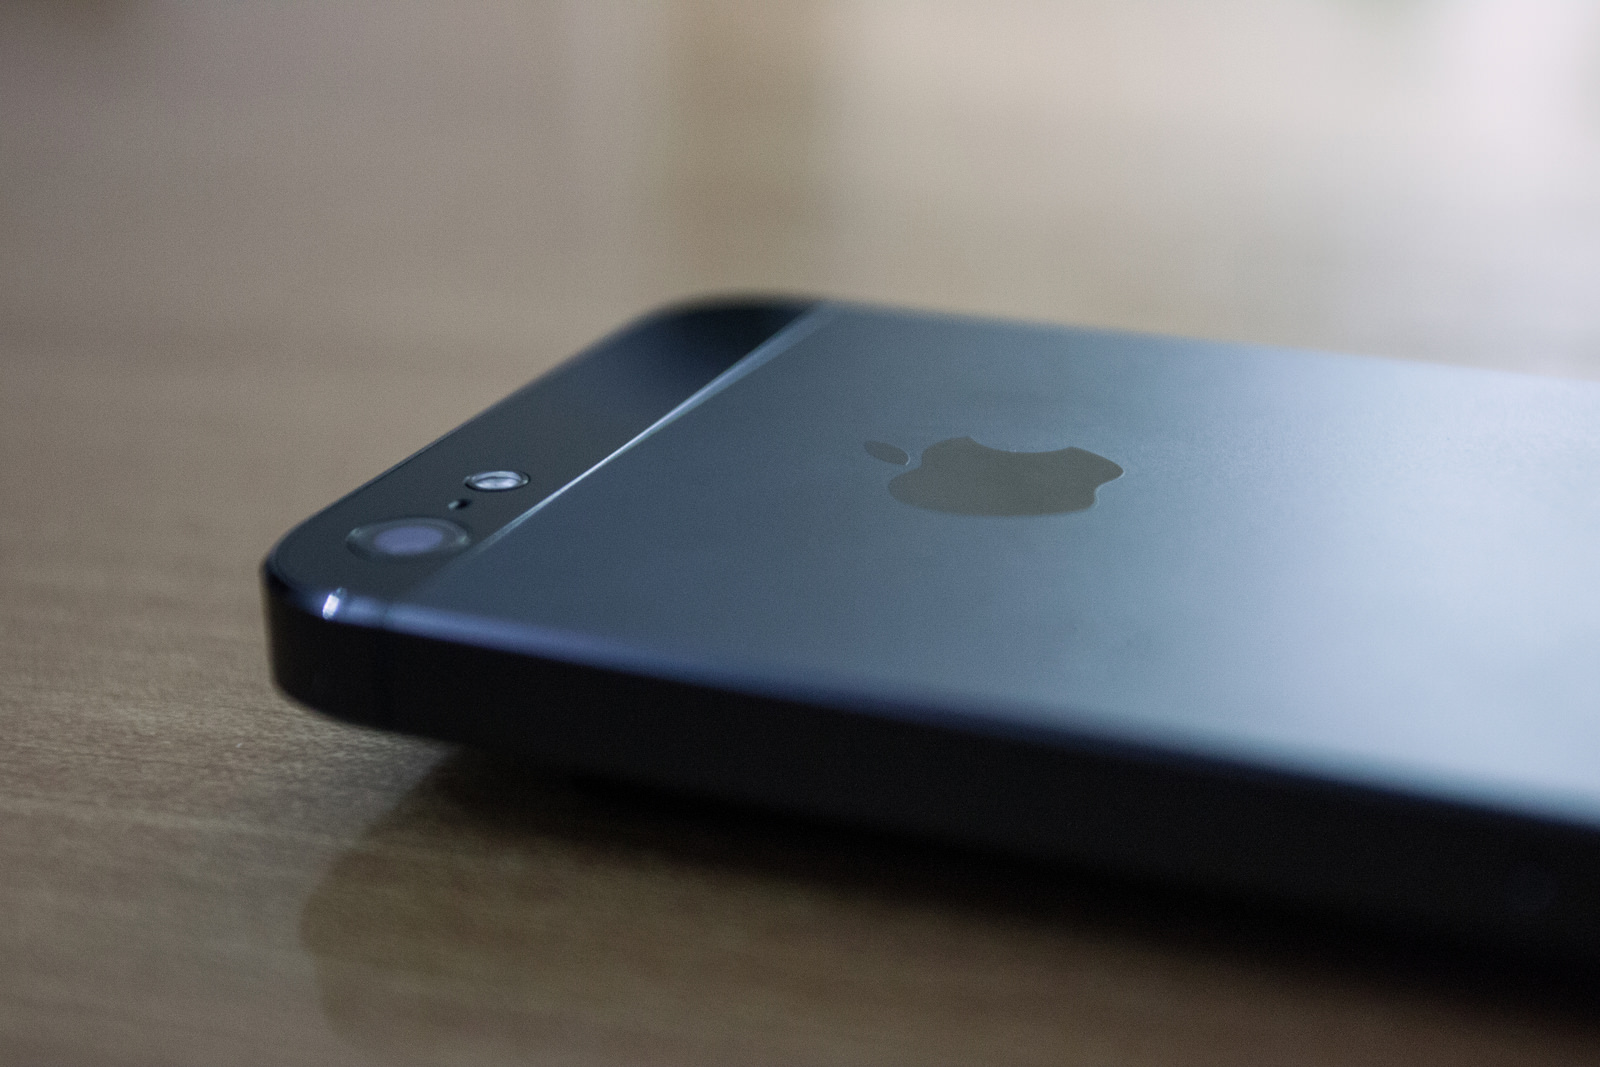 [試] iPhoneアプリ開発で画像素材の準備に役立つサイトとツールのまとめ | リソースをうまく利用して素晴らしいUIを!